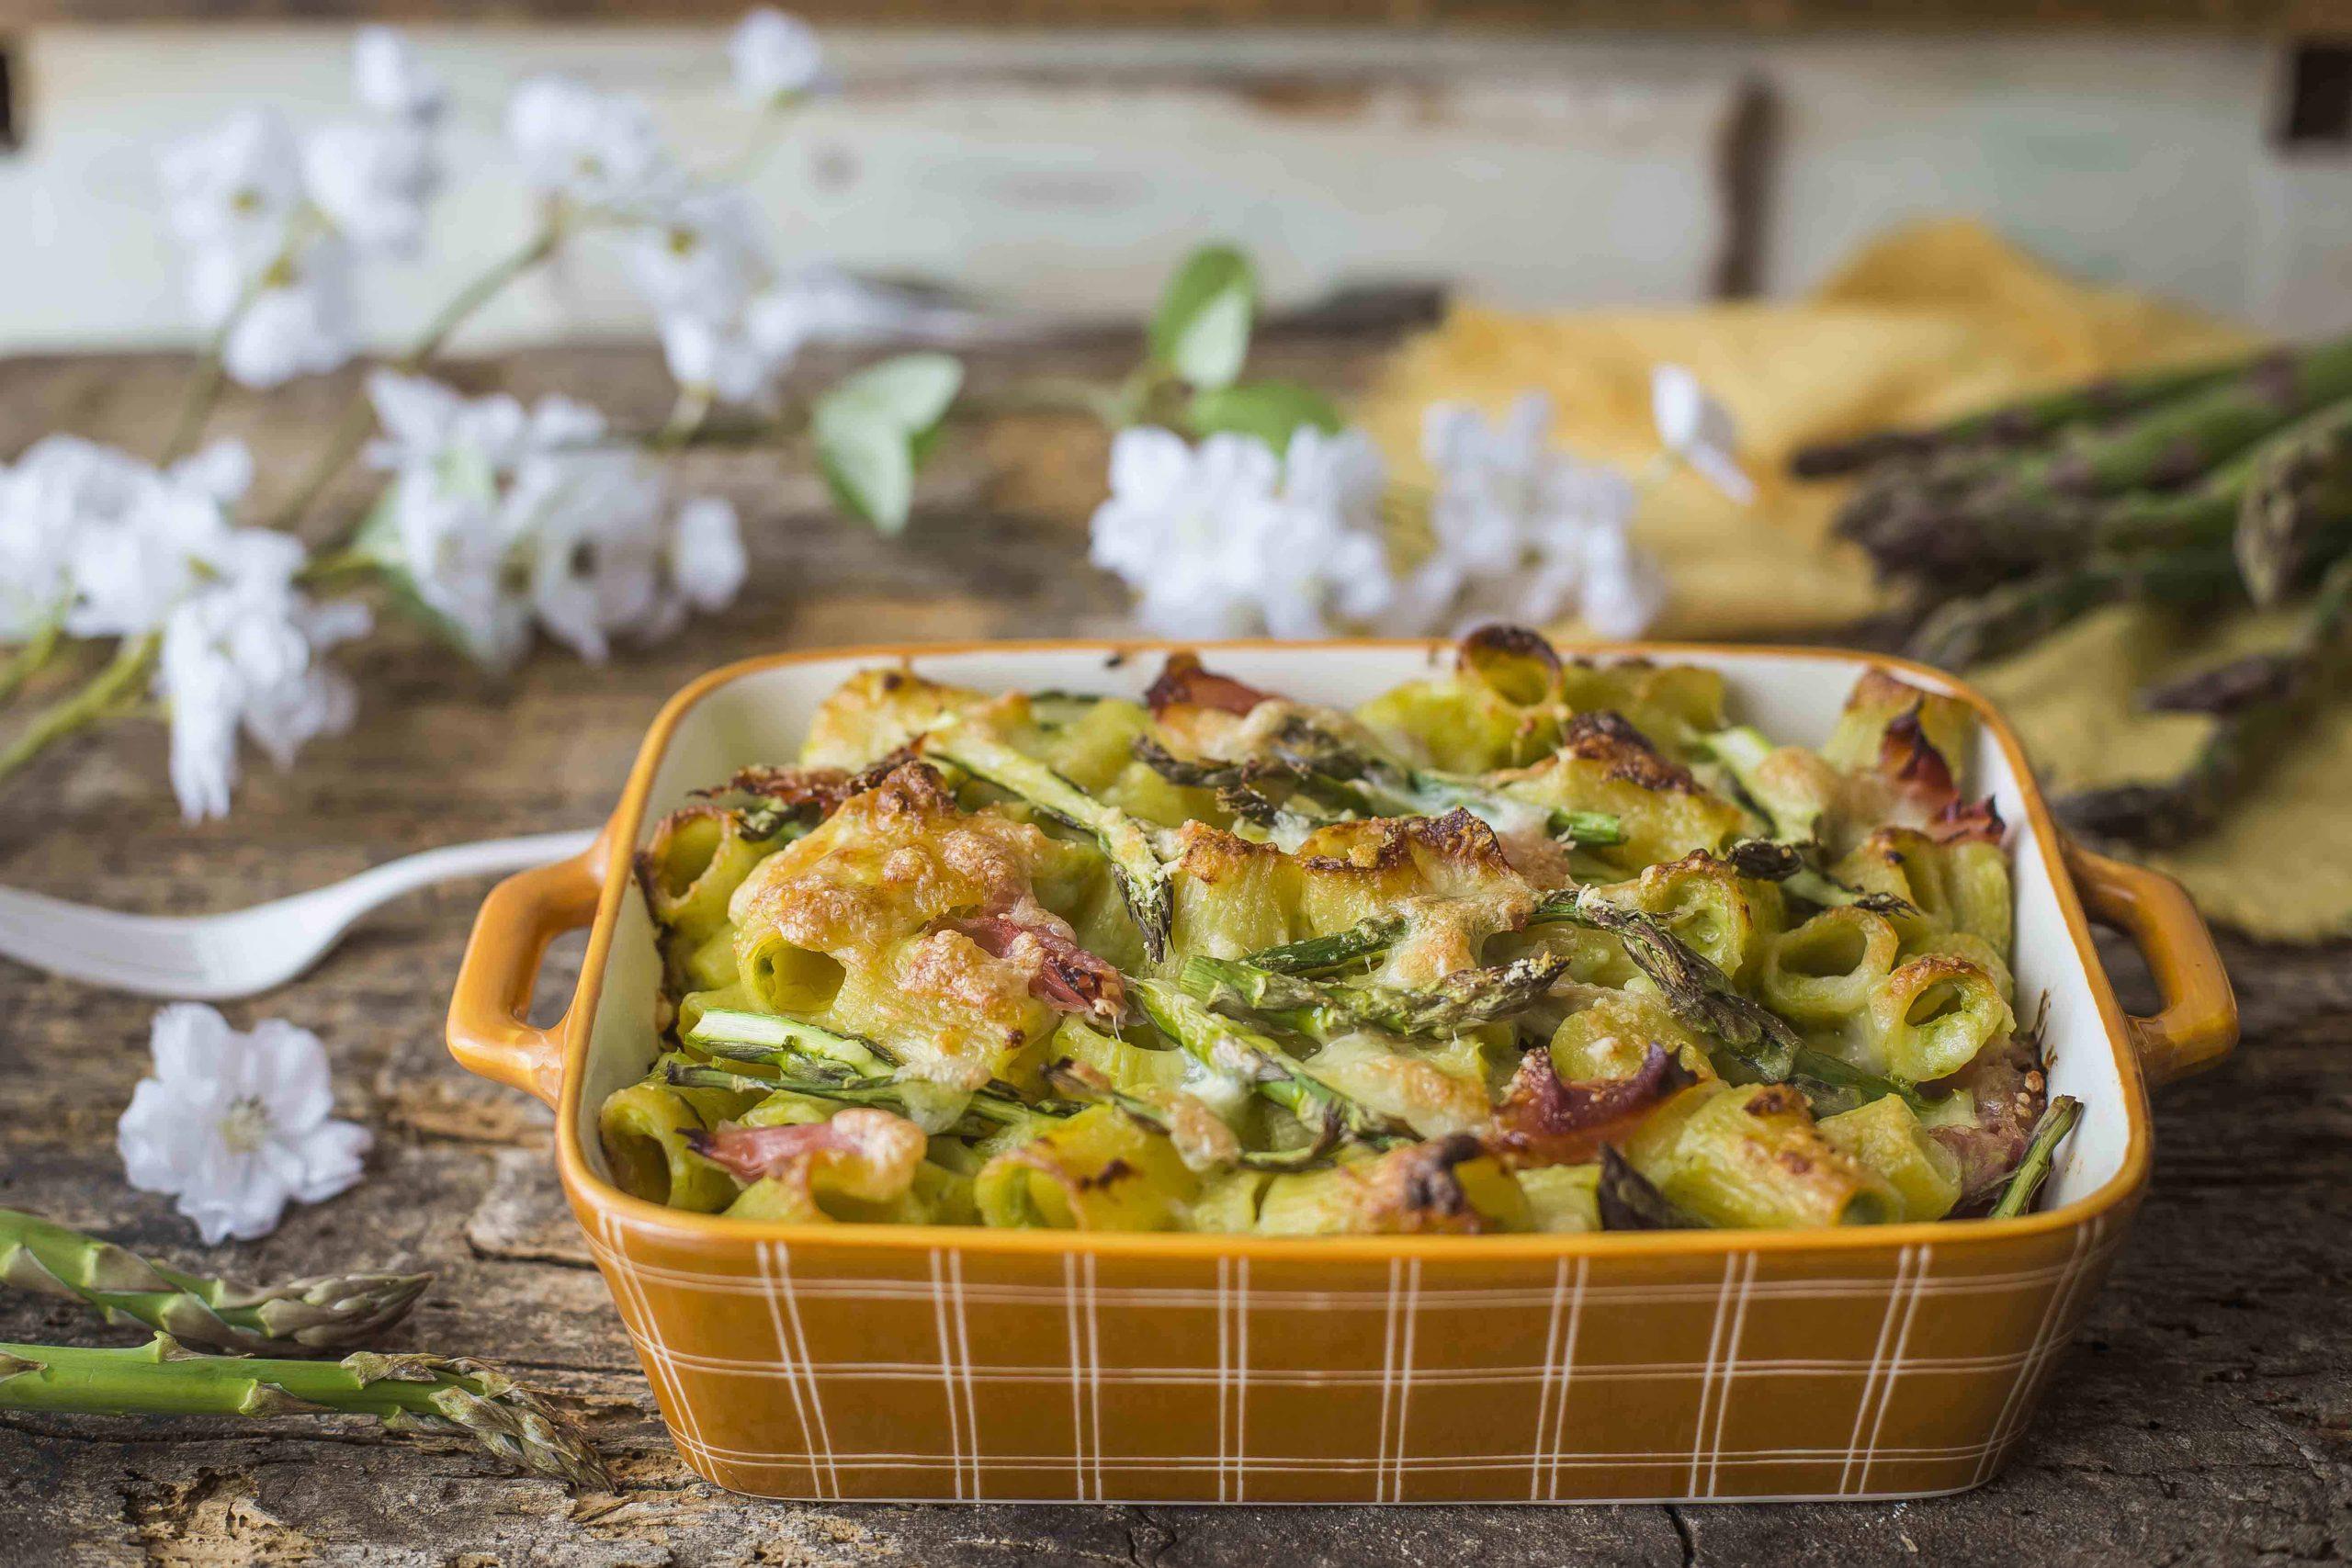 Ricetta Asparagi Al Forno Con Prosciutto E Formaggio.Ricetta Pasta Al Forno Con Asparagi E Prosciutto Cotto Agrodolce